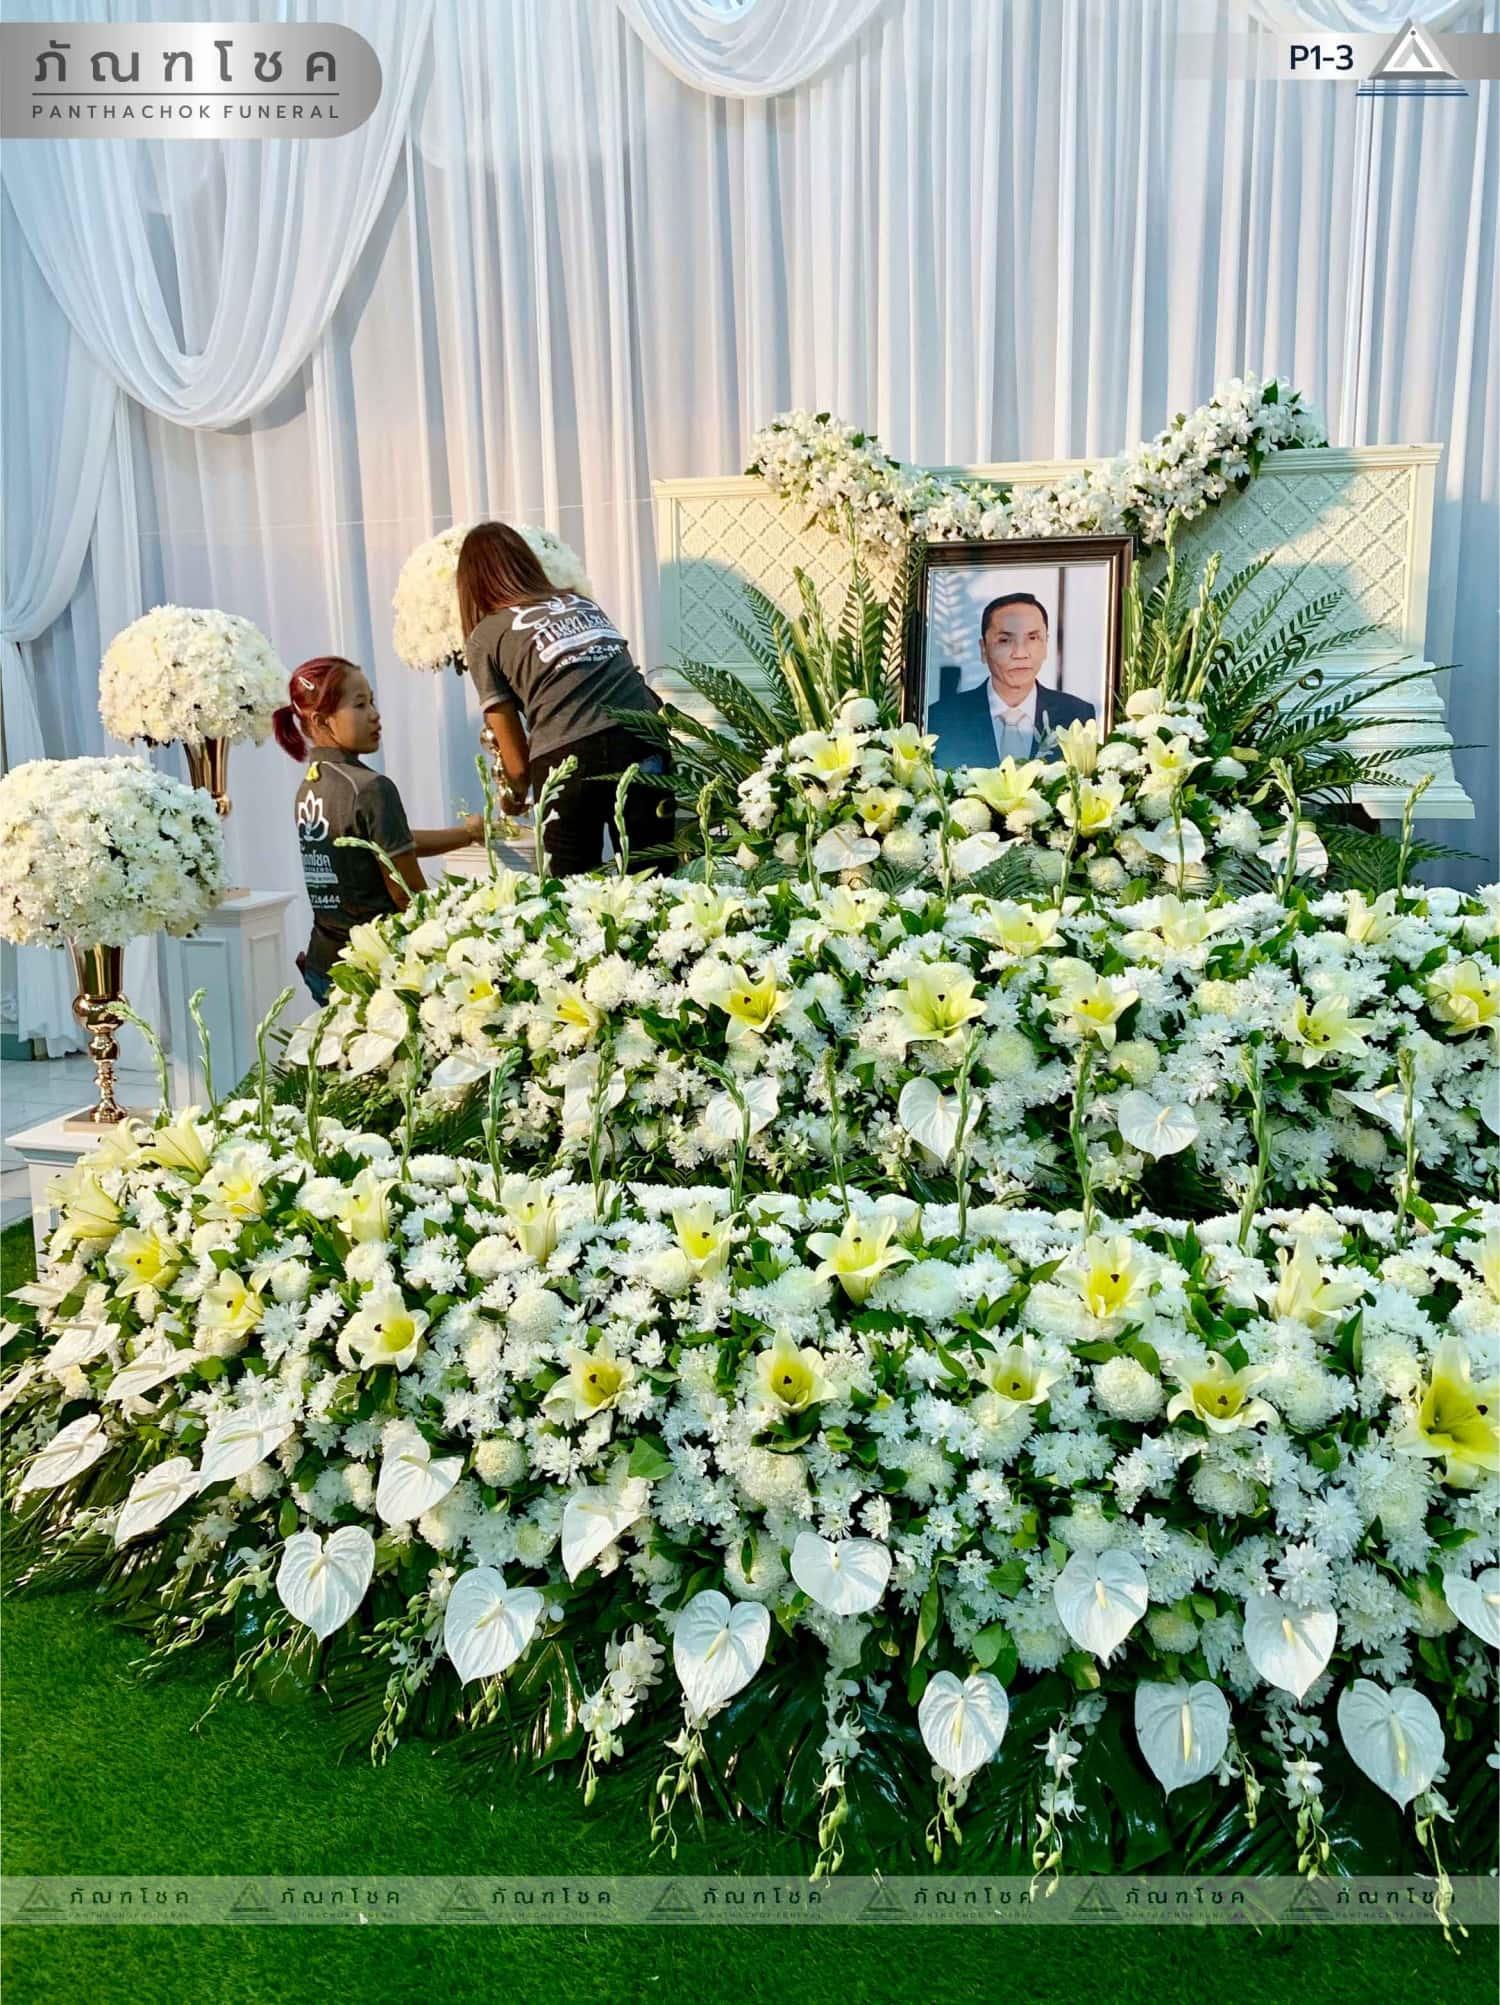 ดอกไม้หน้าศพ ชุด P1-3 34